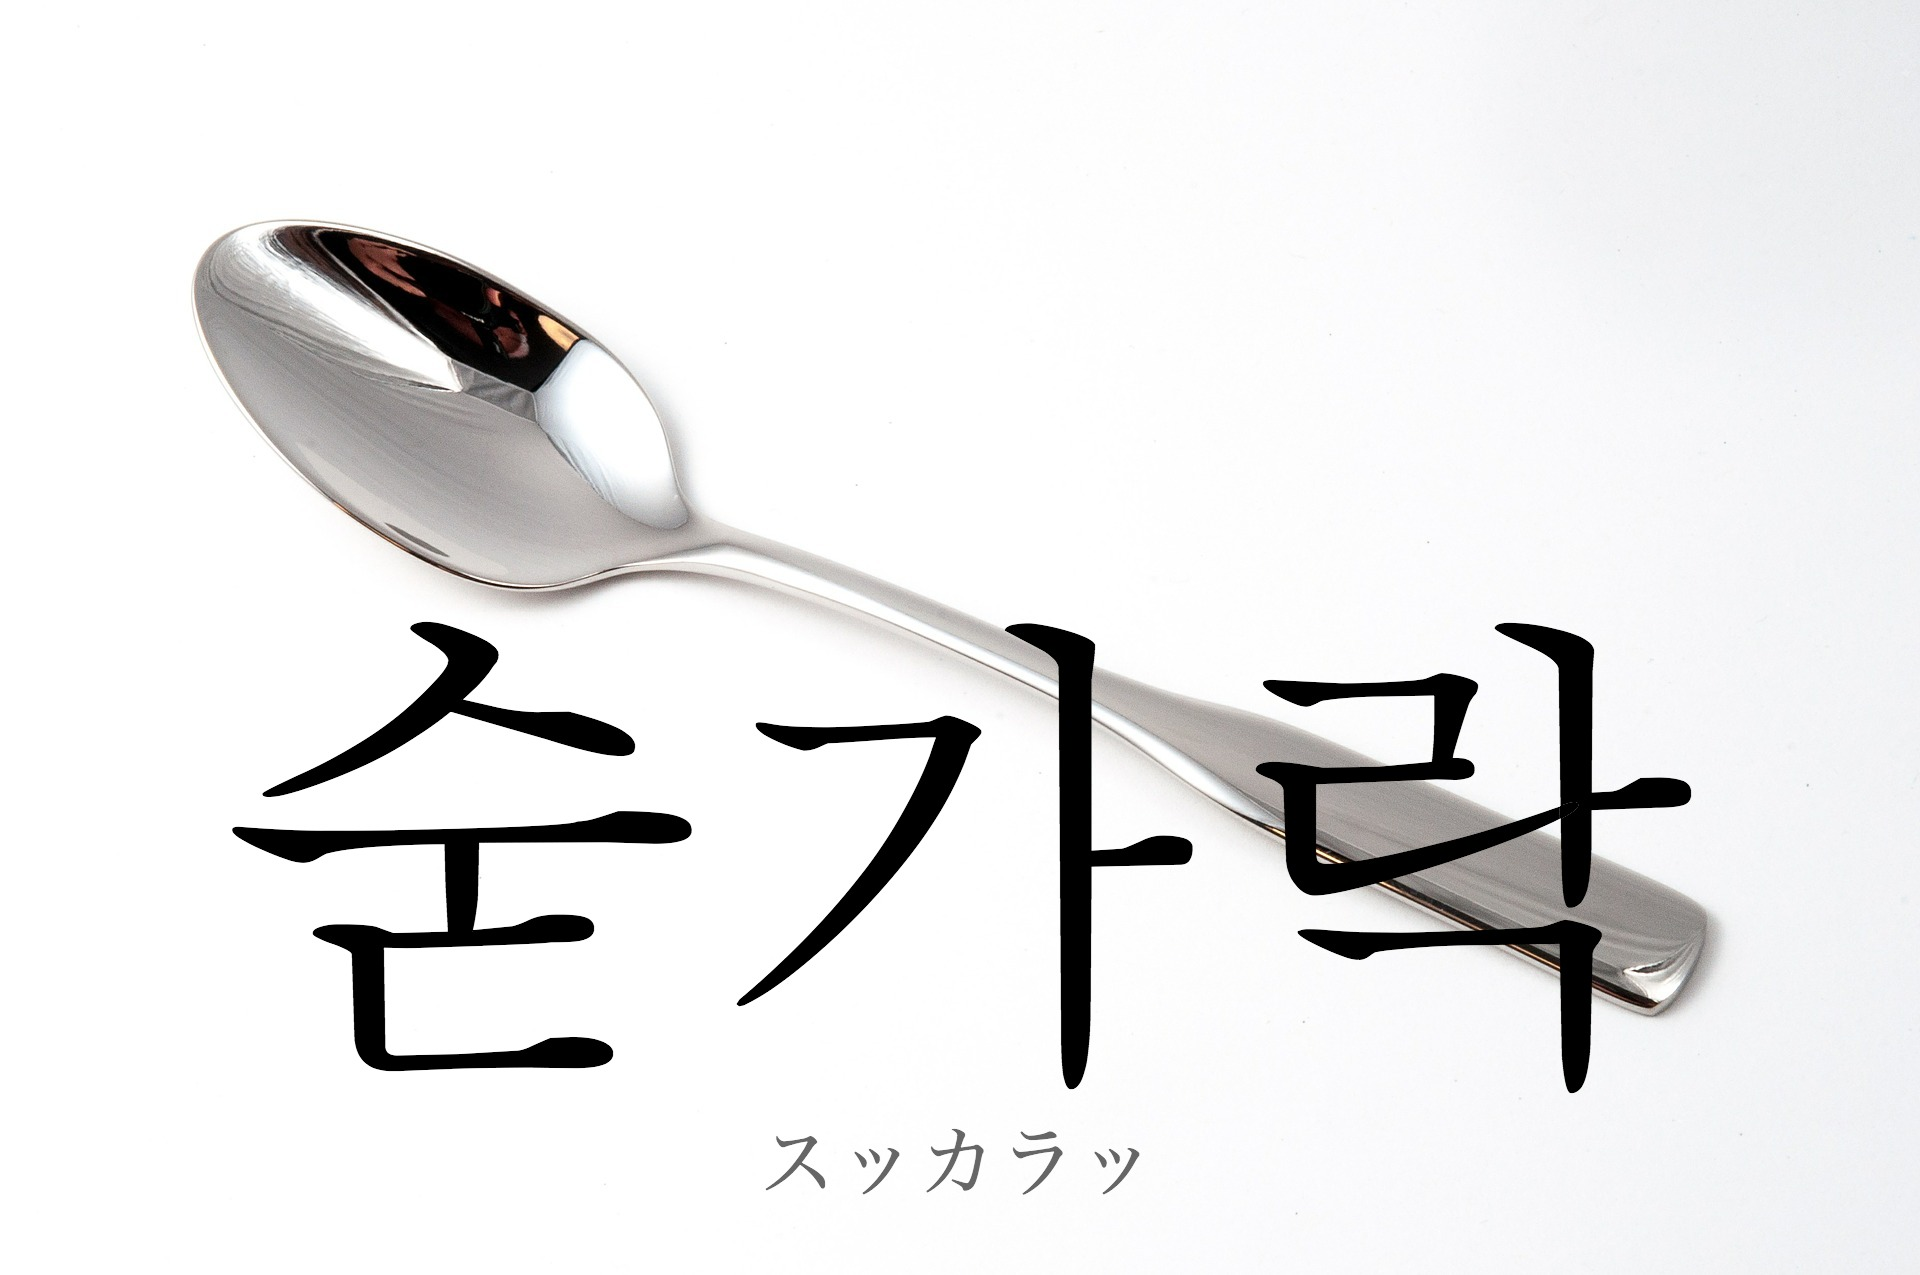 koreanword-spoon